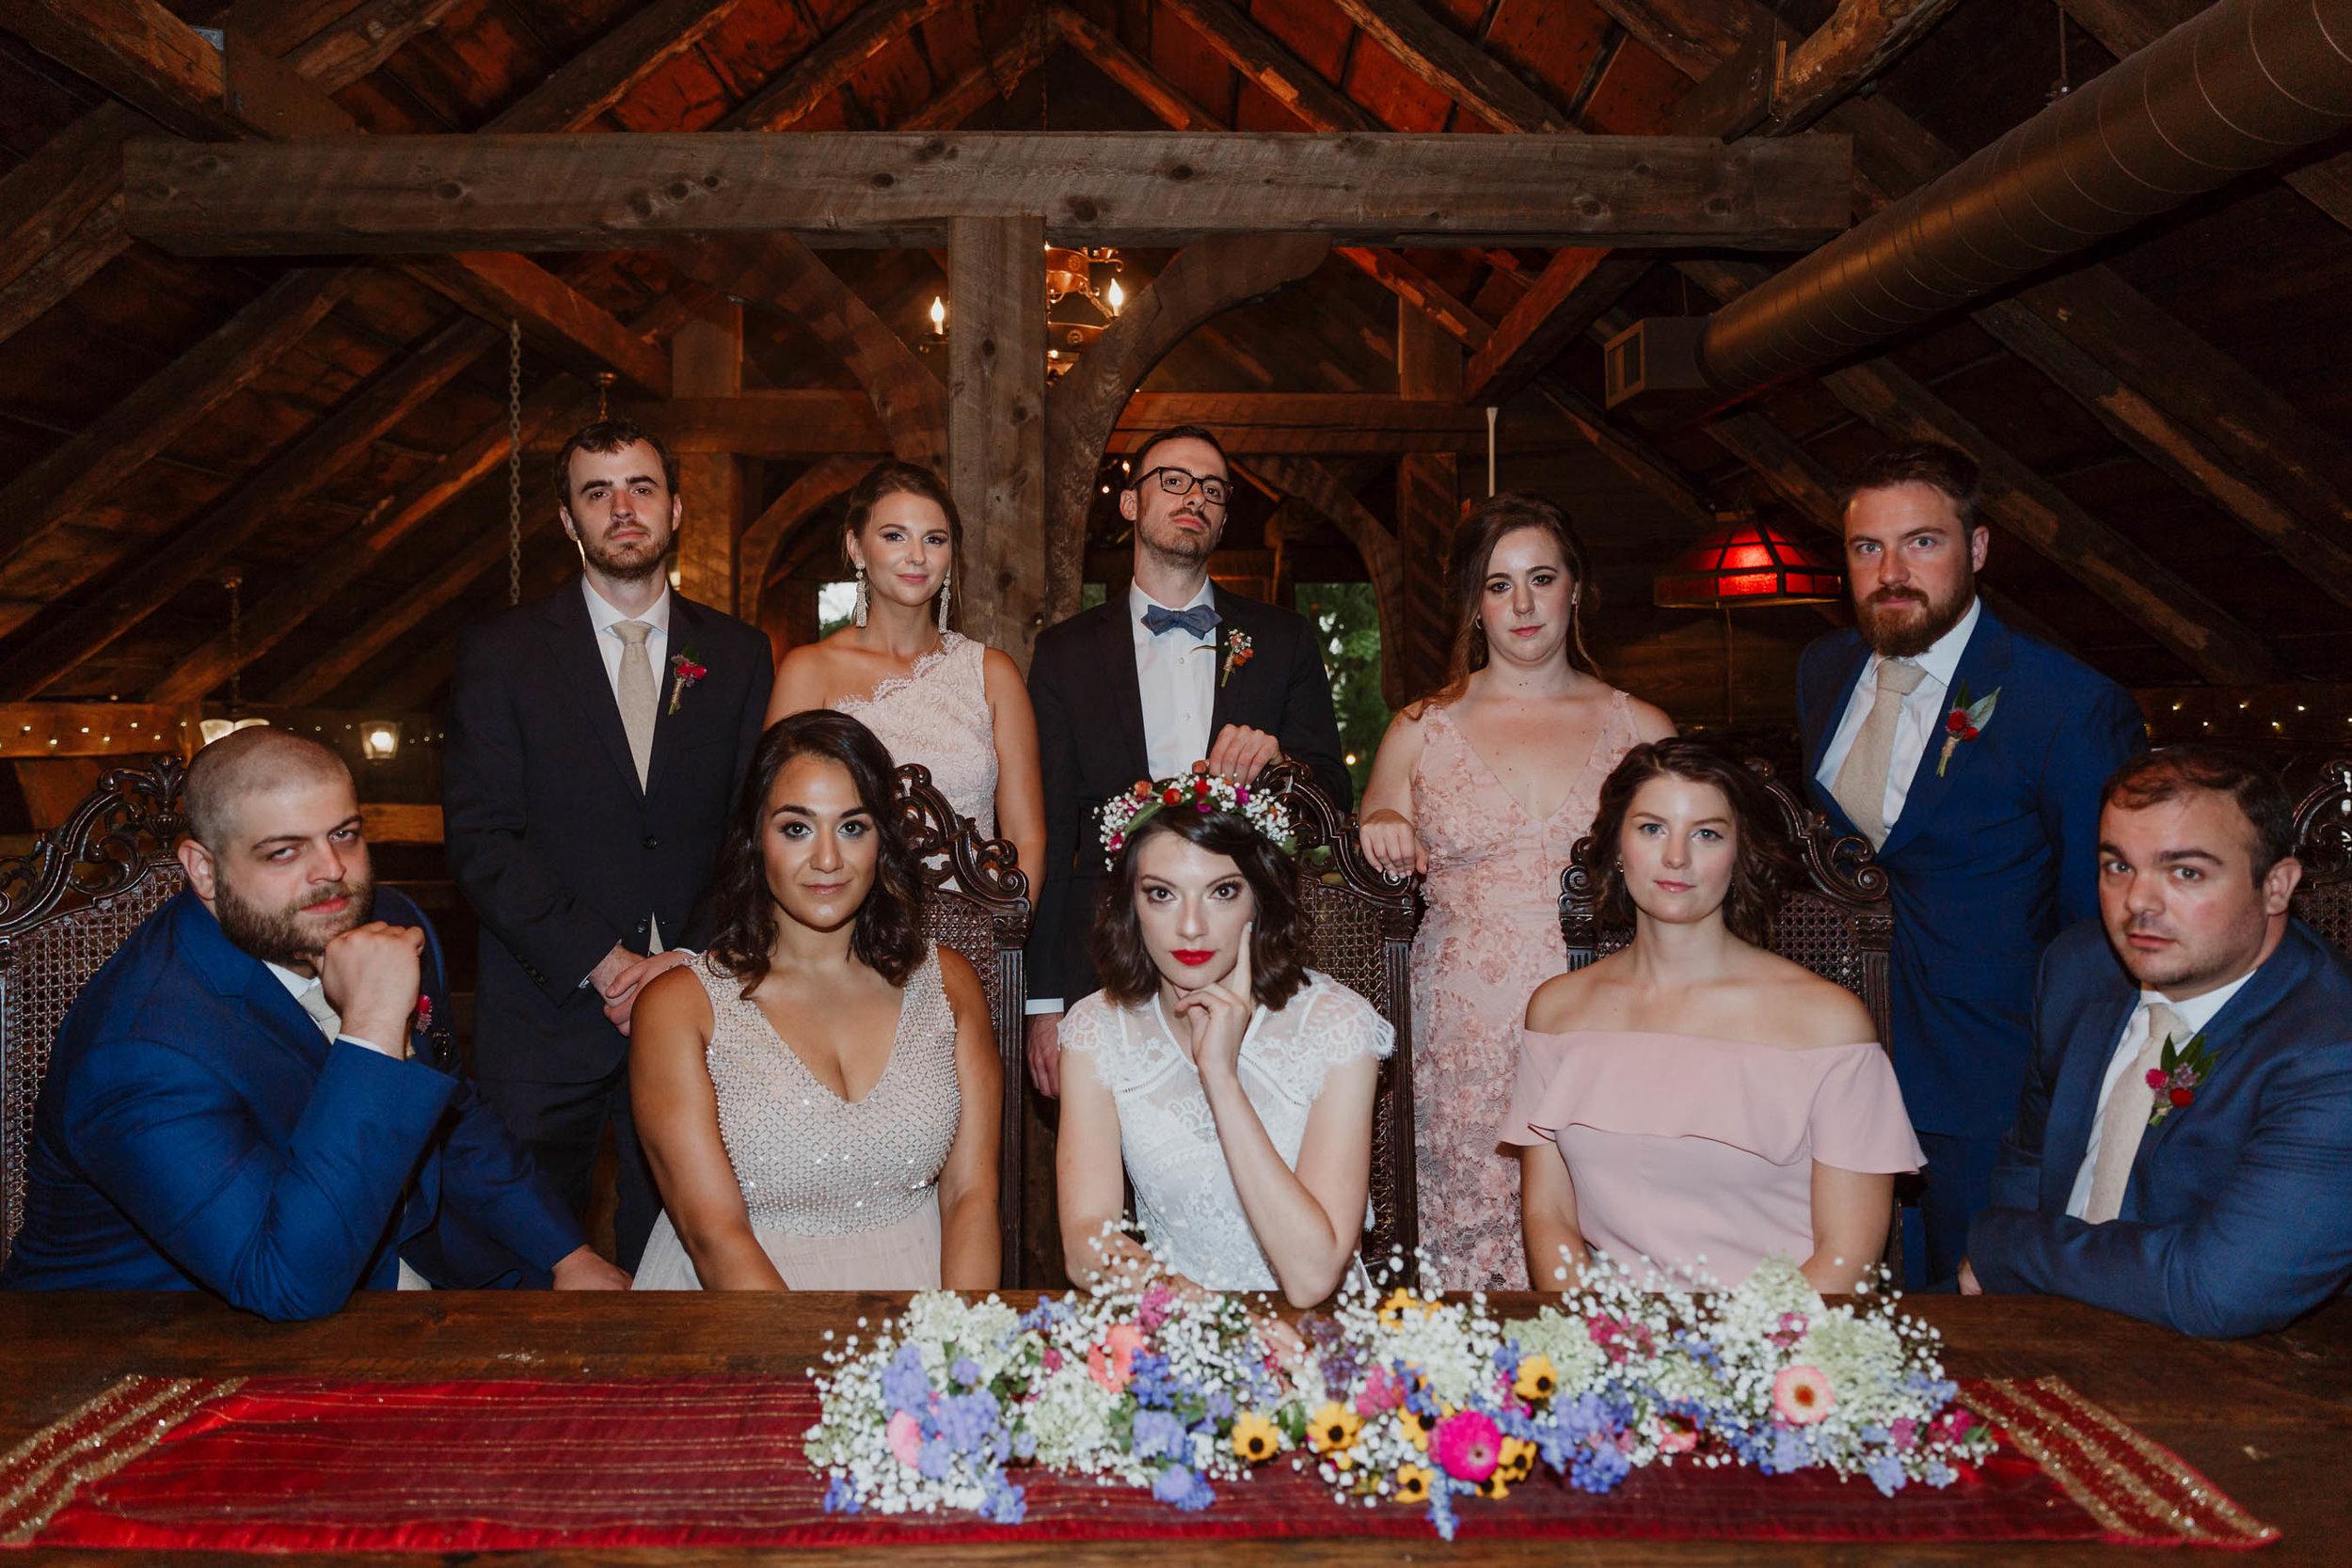 gothic-castle-wedding-elizabeth-tsung-photo-13.jpg